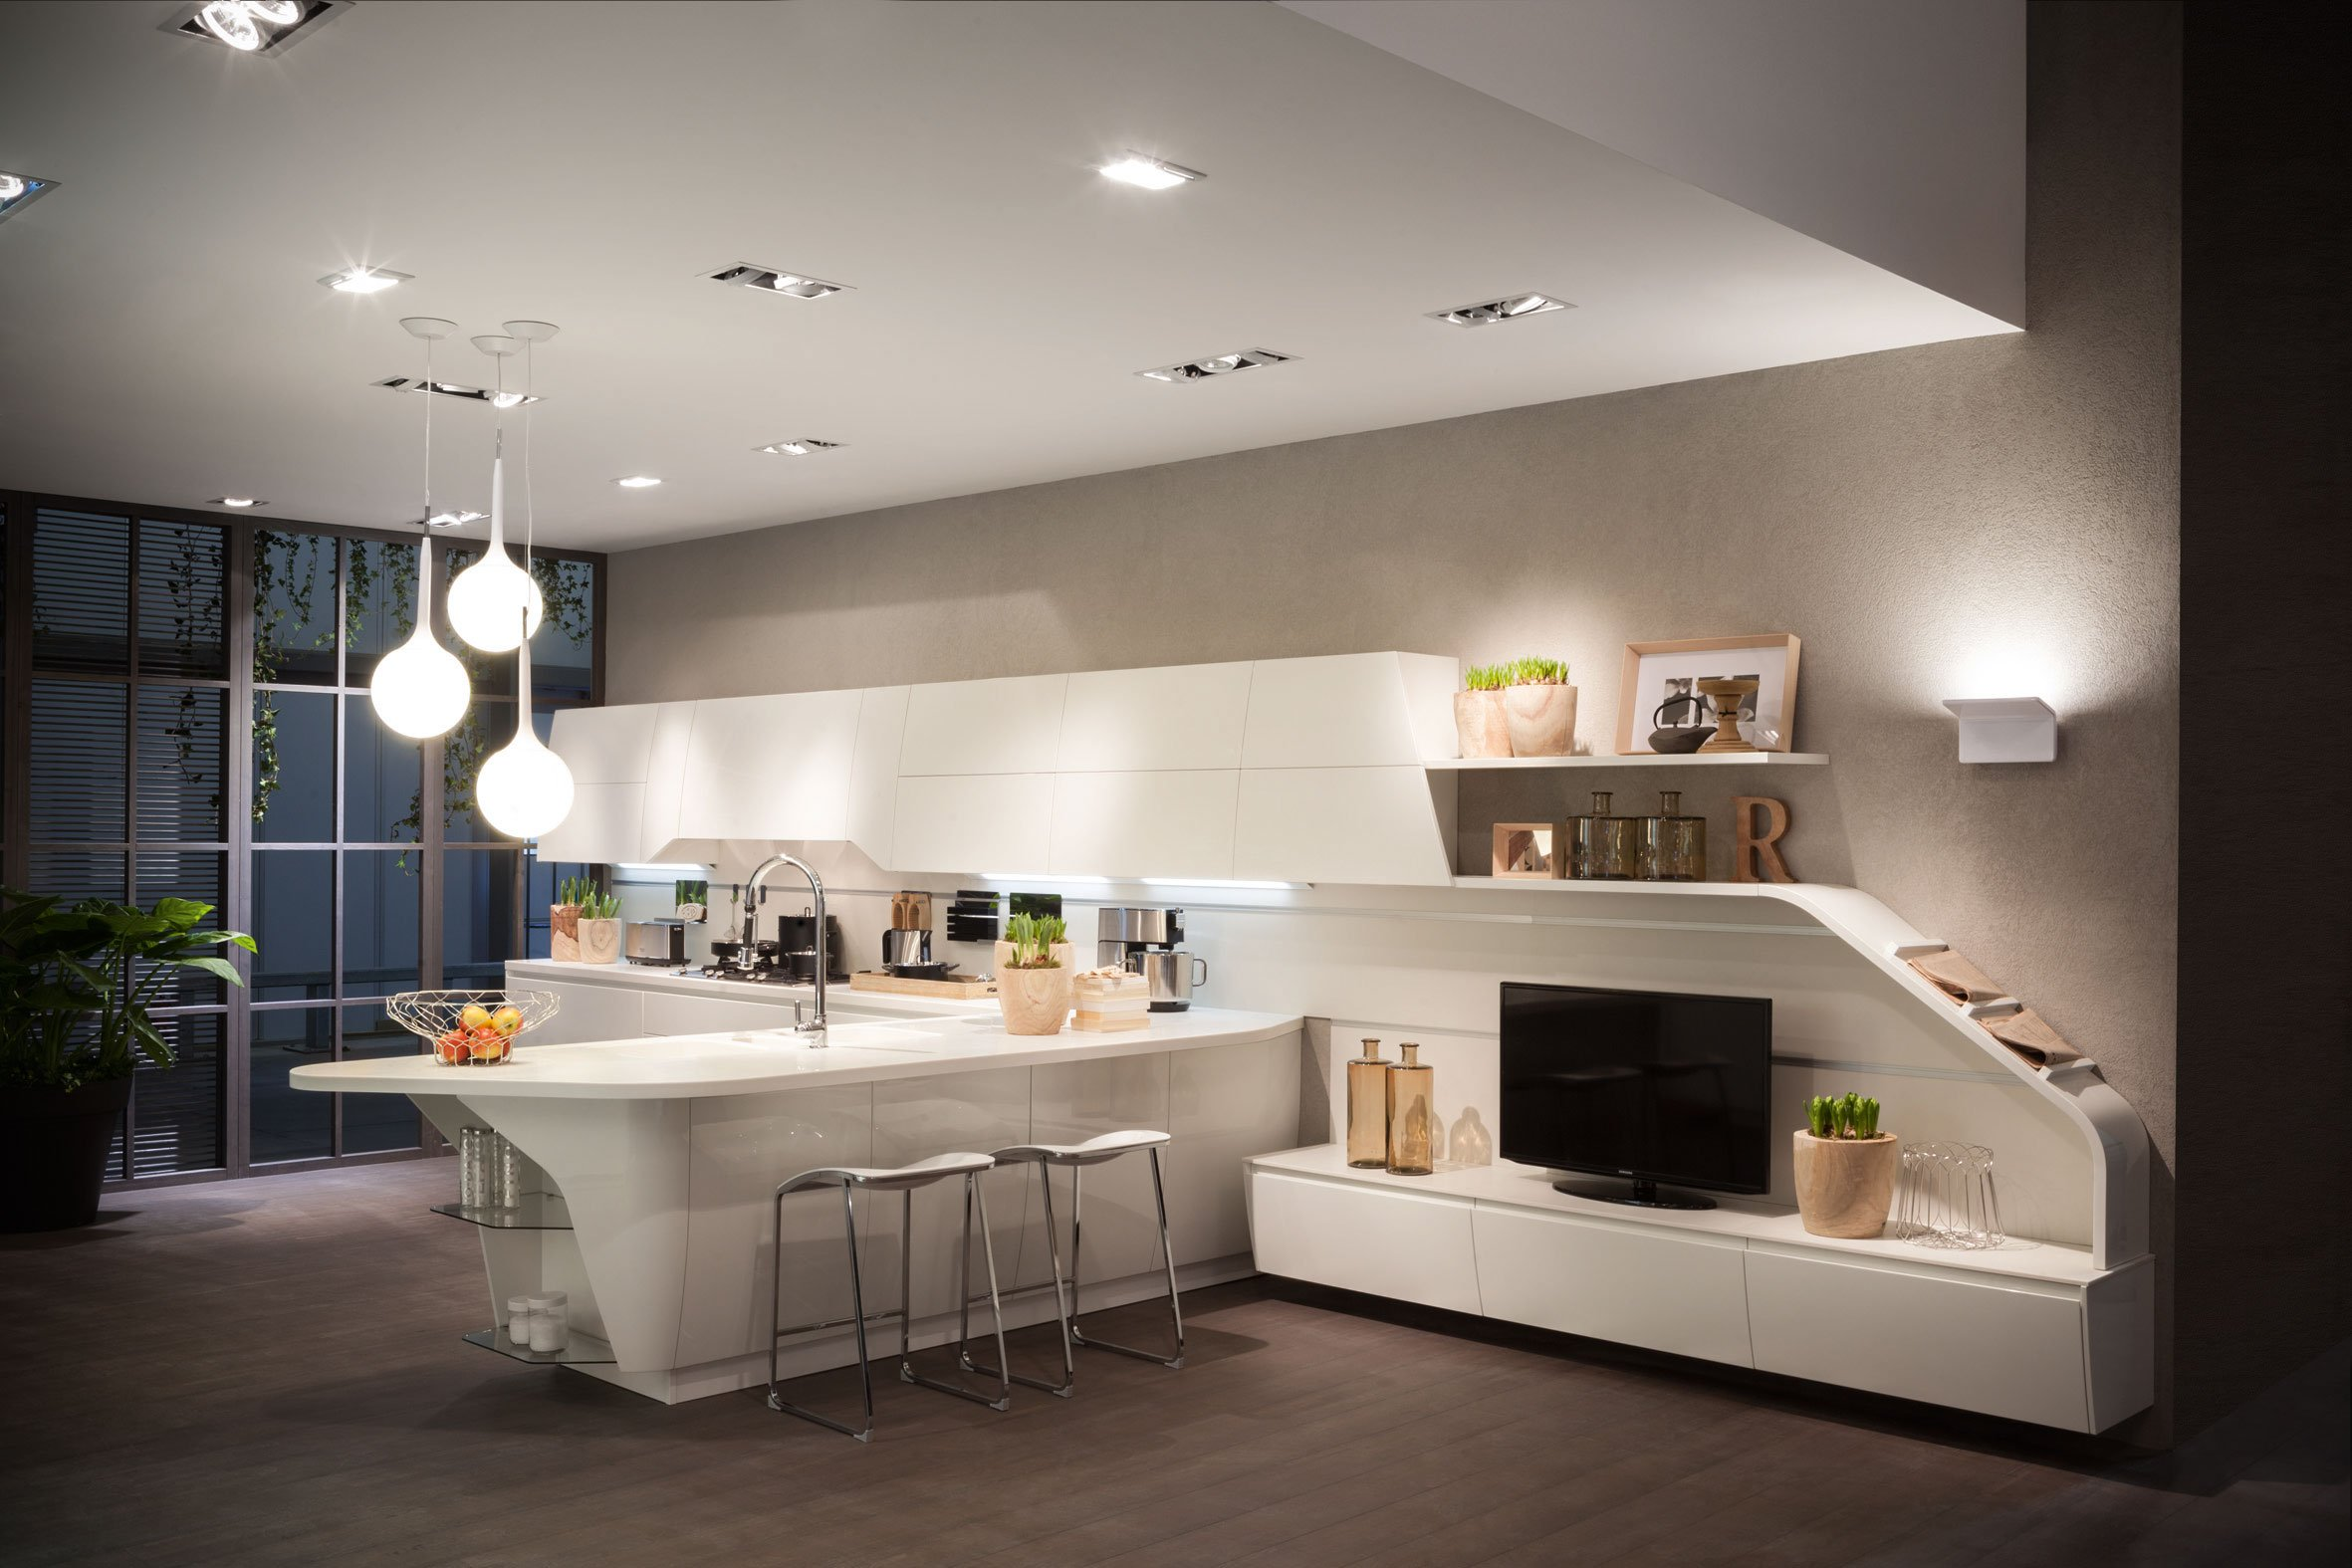 Cucina e soggiorno un unico ambiente cose di casa for Ad giornale di arredamento